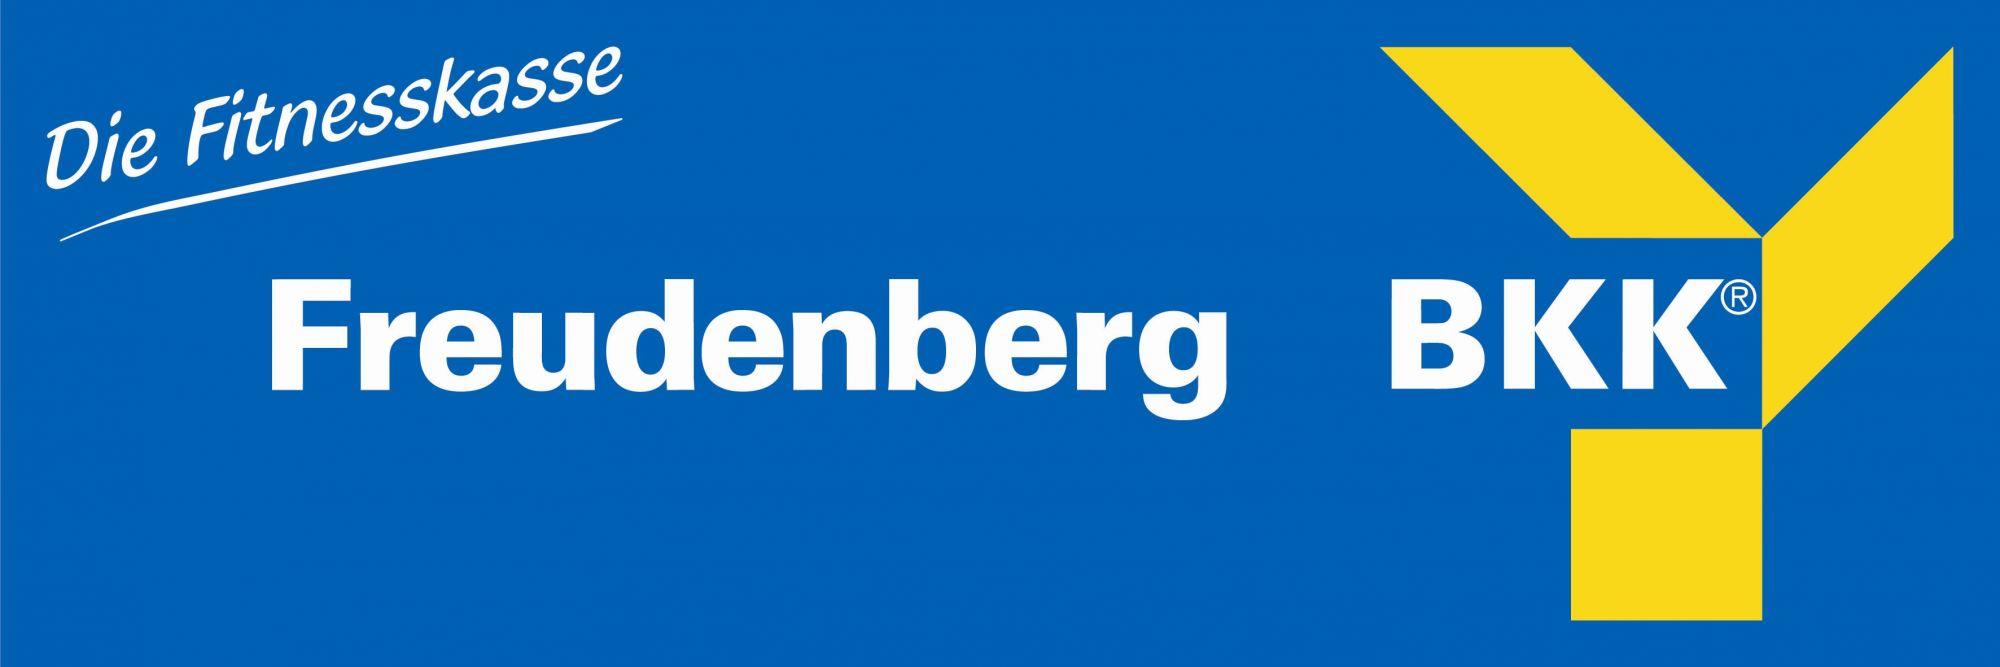 Logo Freudenberg BKK